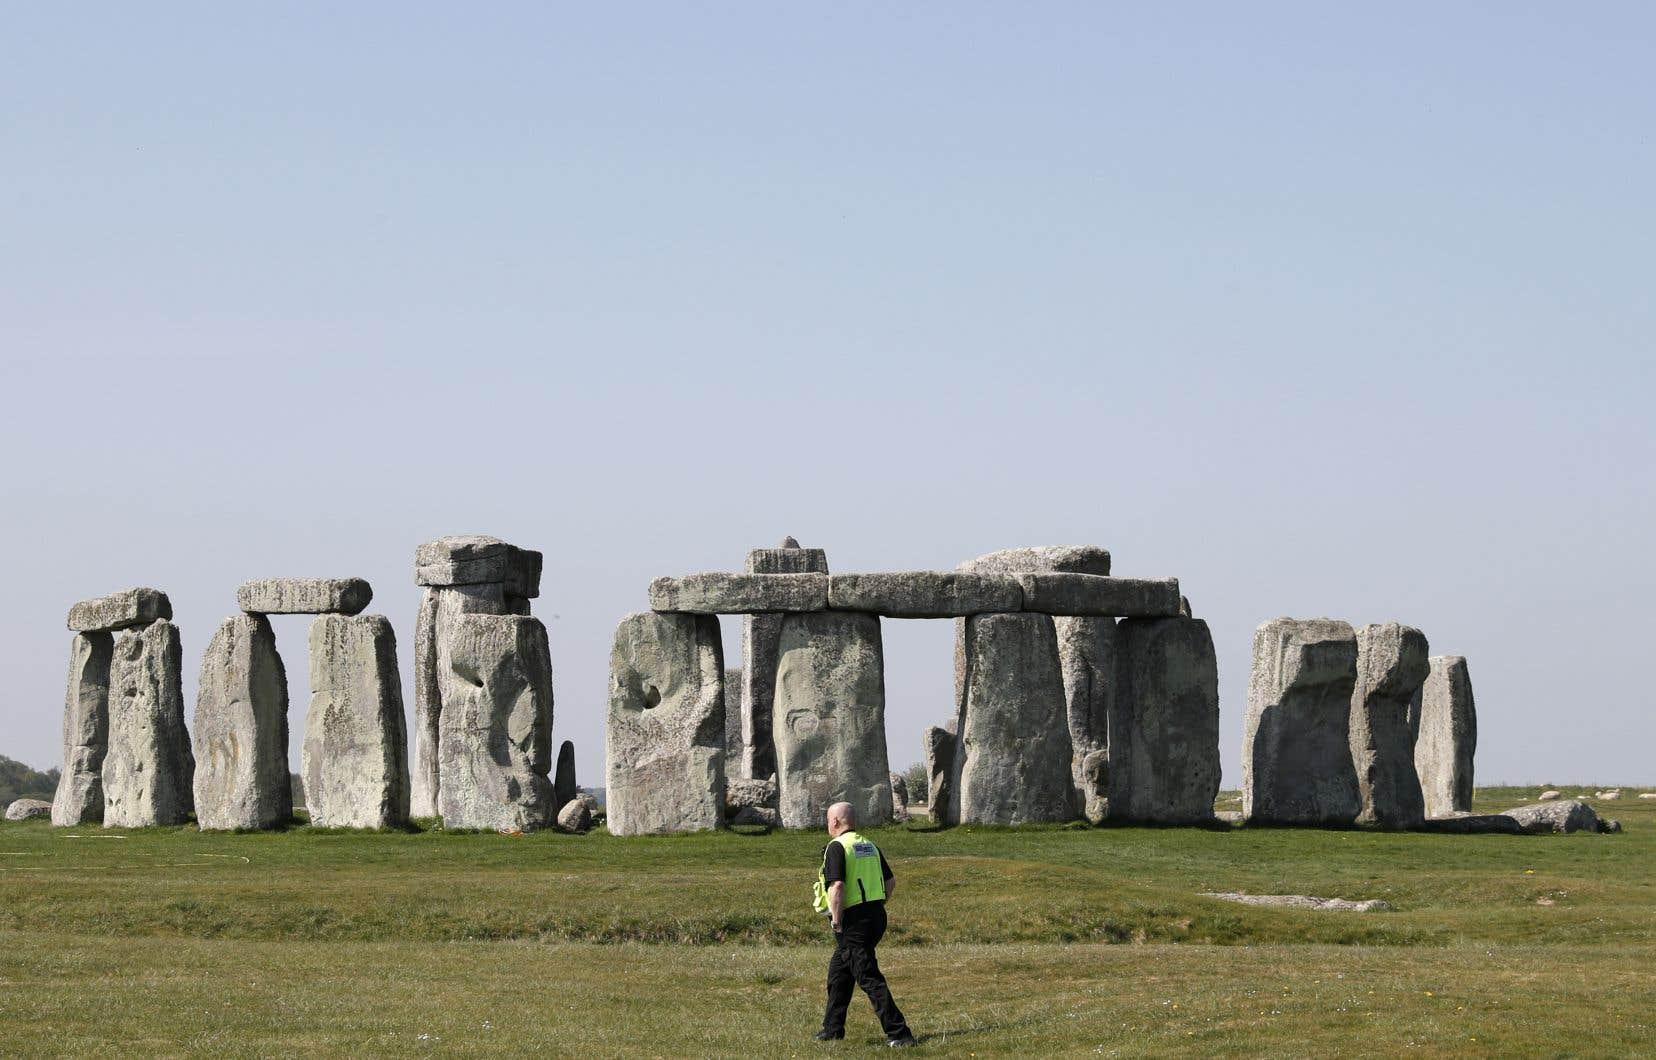 Les excavations découvertes auraient été creusées il y a plus de 4500 ans.